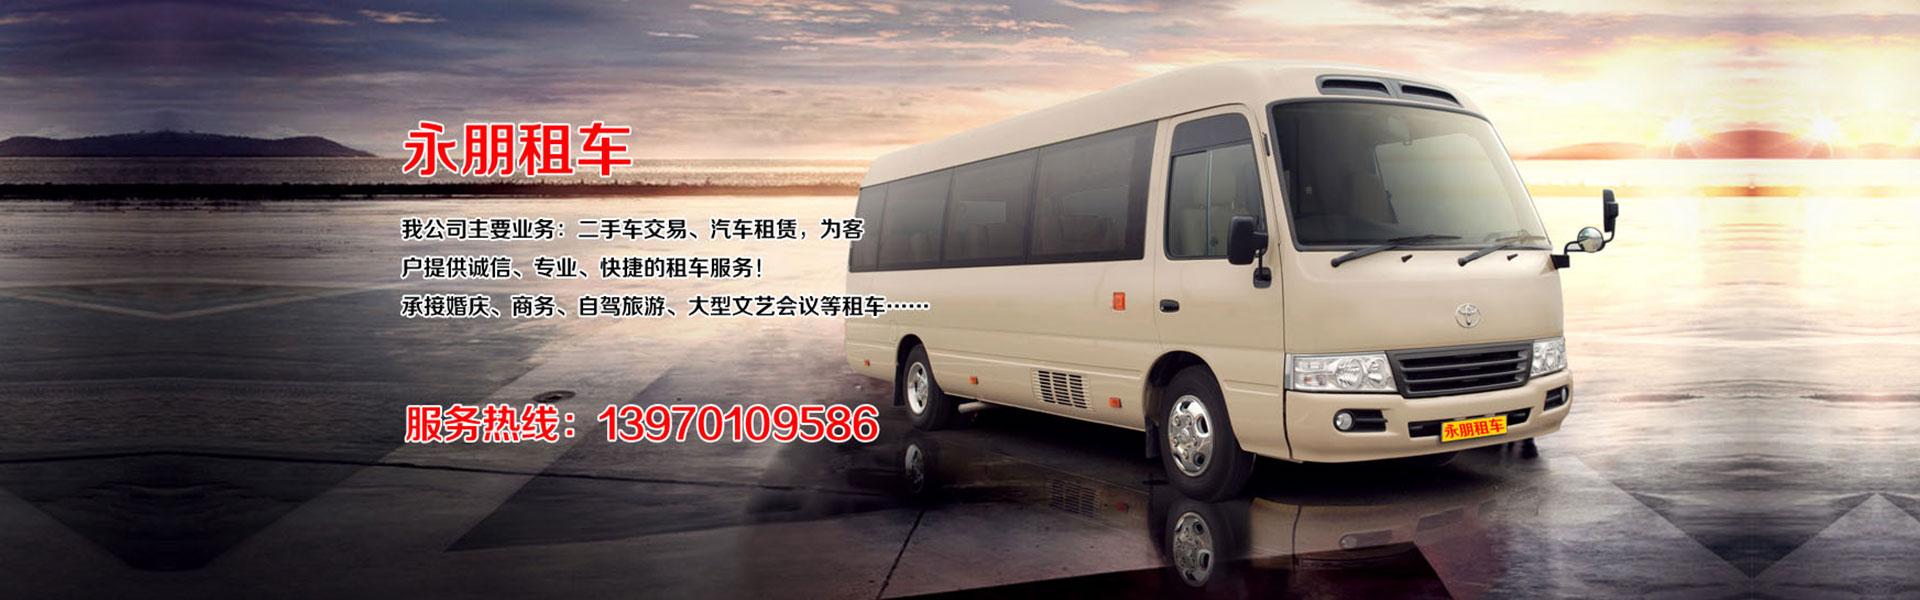 赣州租车公司电话